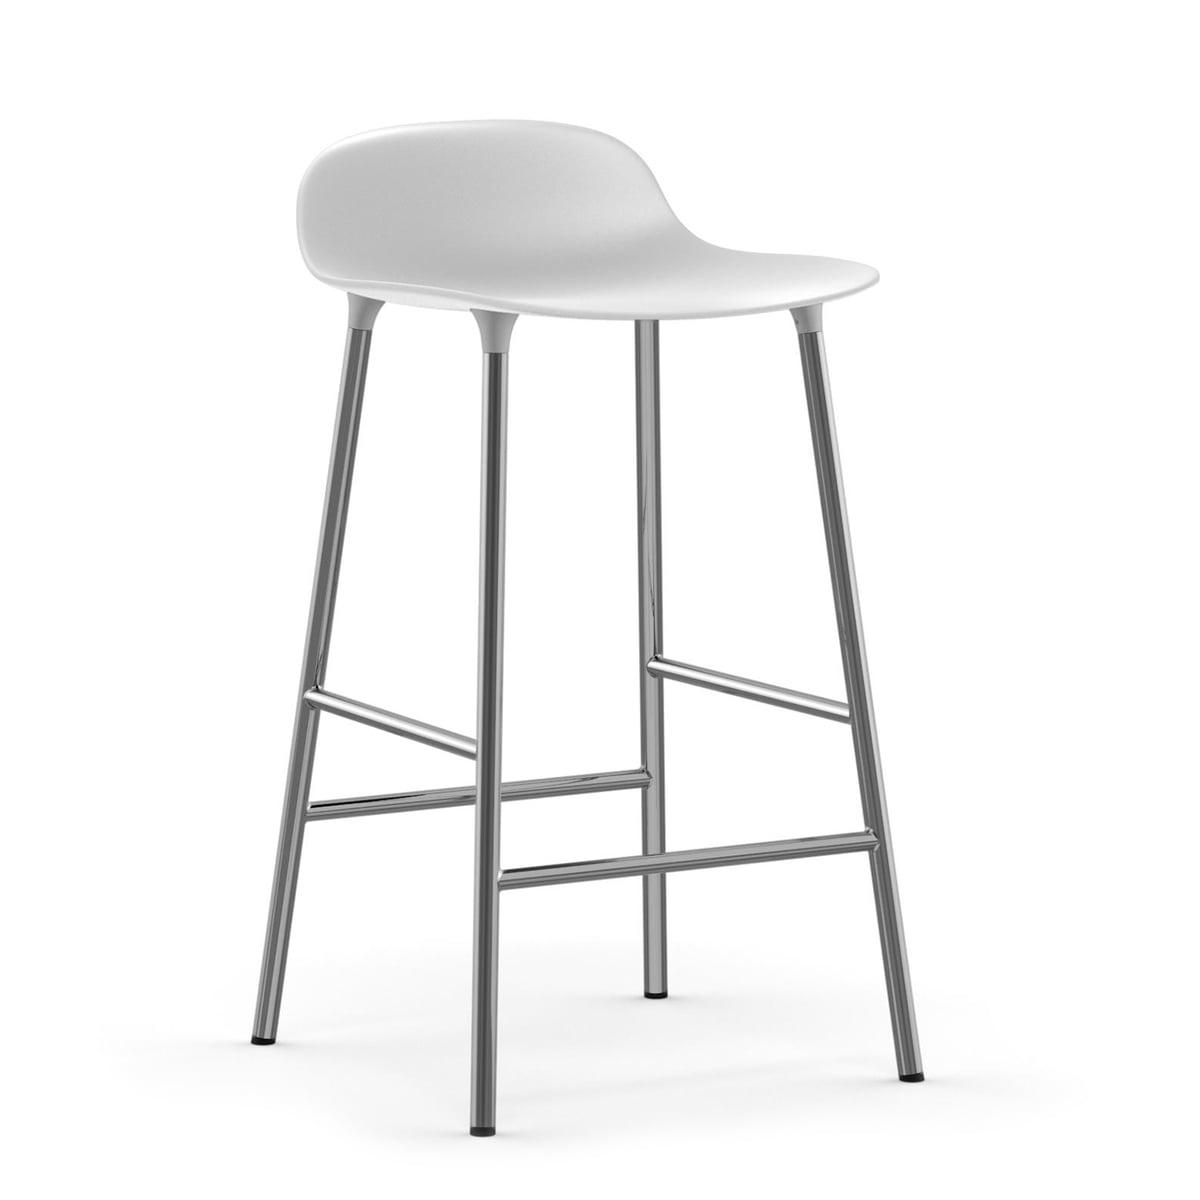 normann copenhagen barstol Form barstol 65 cm fra Normann Copenhagen normann copenhagen barstol